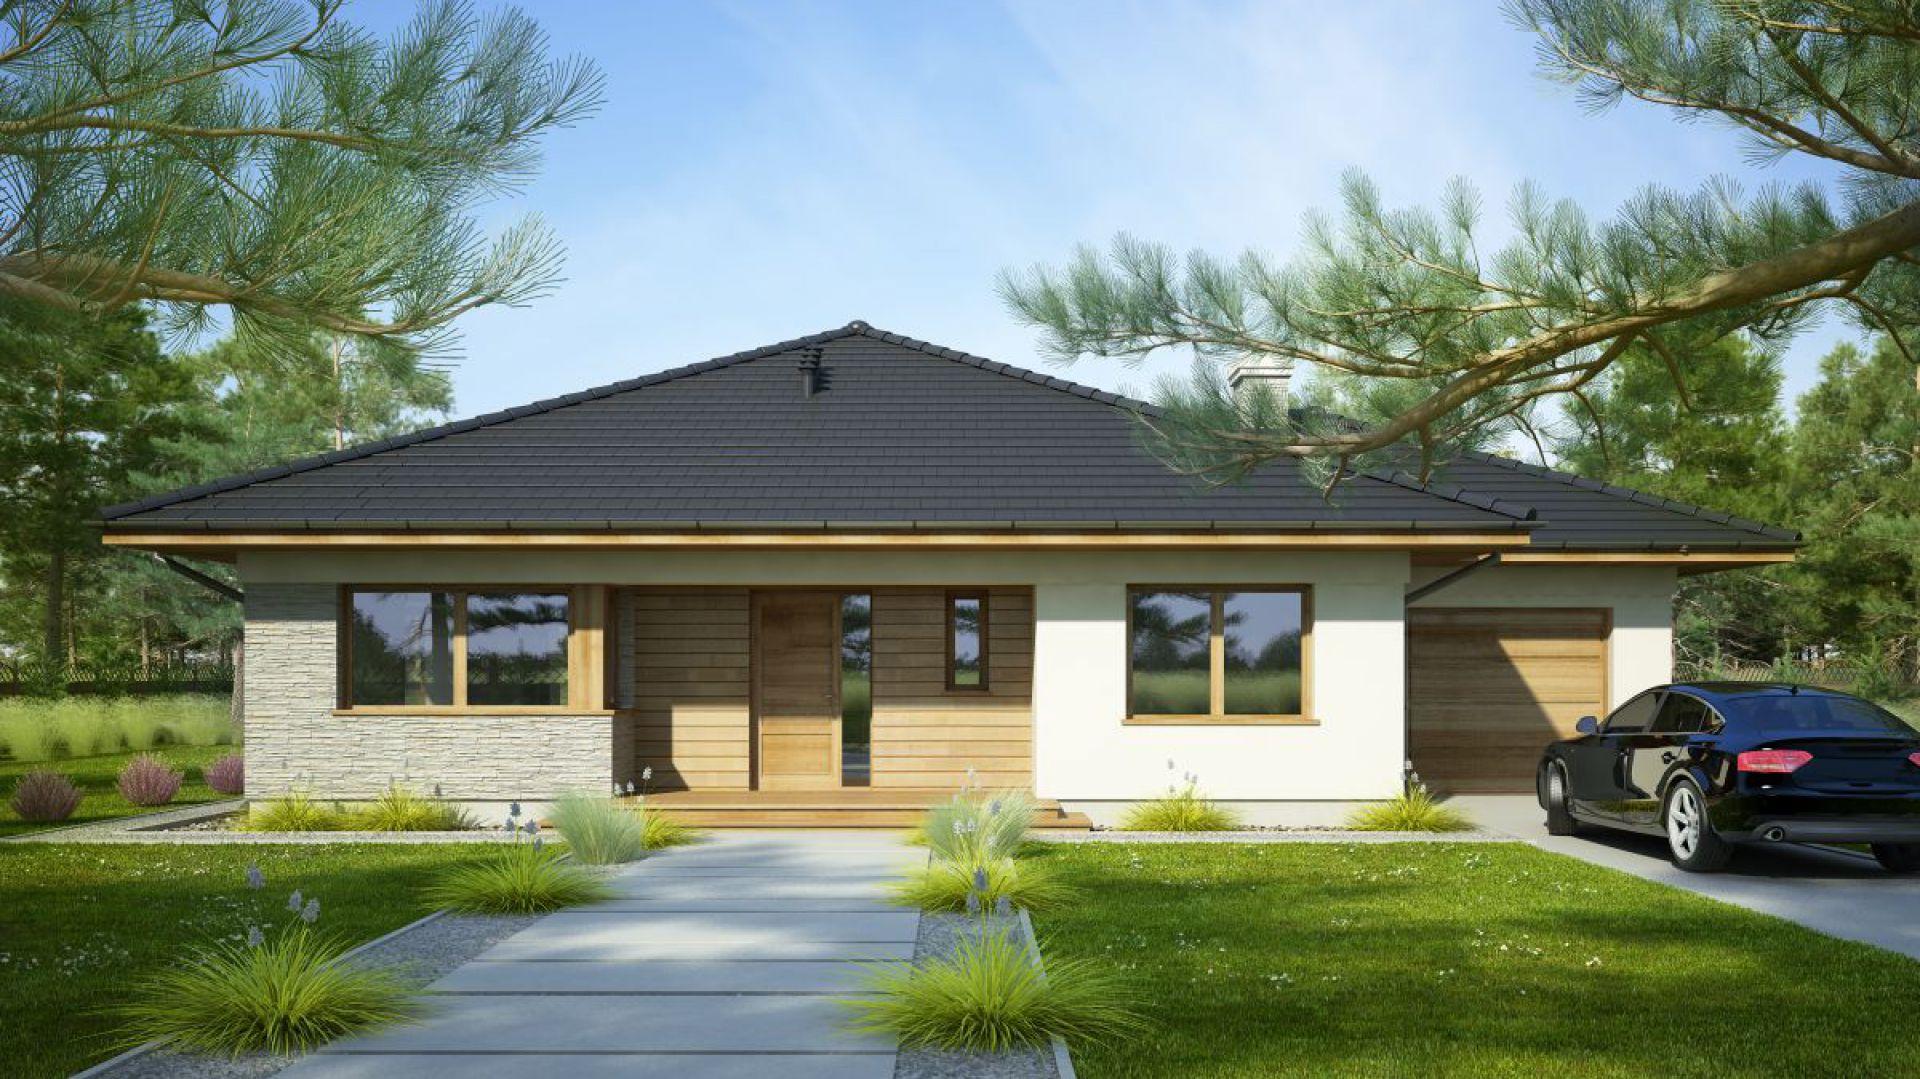 Fabia II to projekt małego domu parterowego z garażem, ciekawie zaprojektowanego, z kopertowym dachem. Bryła budynku jest urozmaicona wcięciami, podcieniami i wykuszem. Powierzchnia użytkowa: 109,60 m²; średni koszt budowy